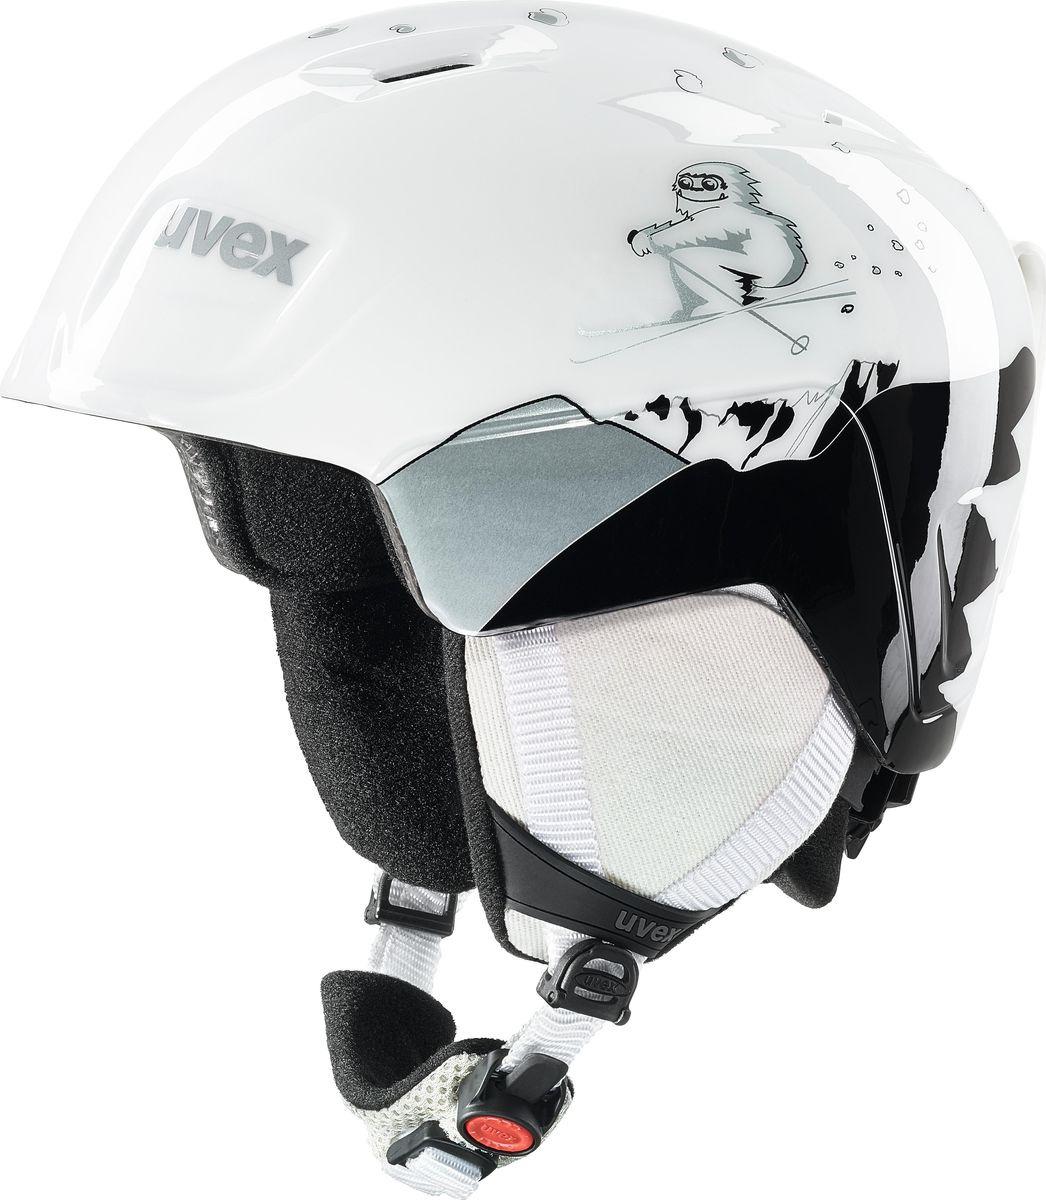 Шлем горнолыжный для девочки Uvex Manic Kid's Helmet, 6226-10, белый. Размер 46/50 шлем горнолыжный для мальчика uvex airwing 2 kid s helmet 6132 46 синий размер xxs